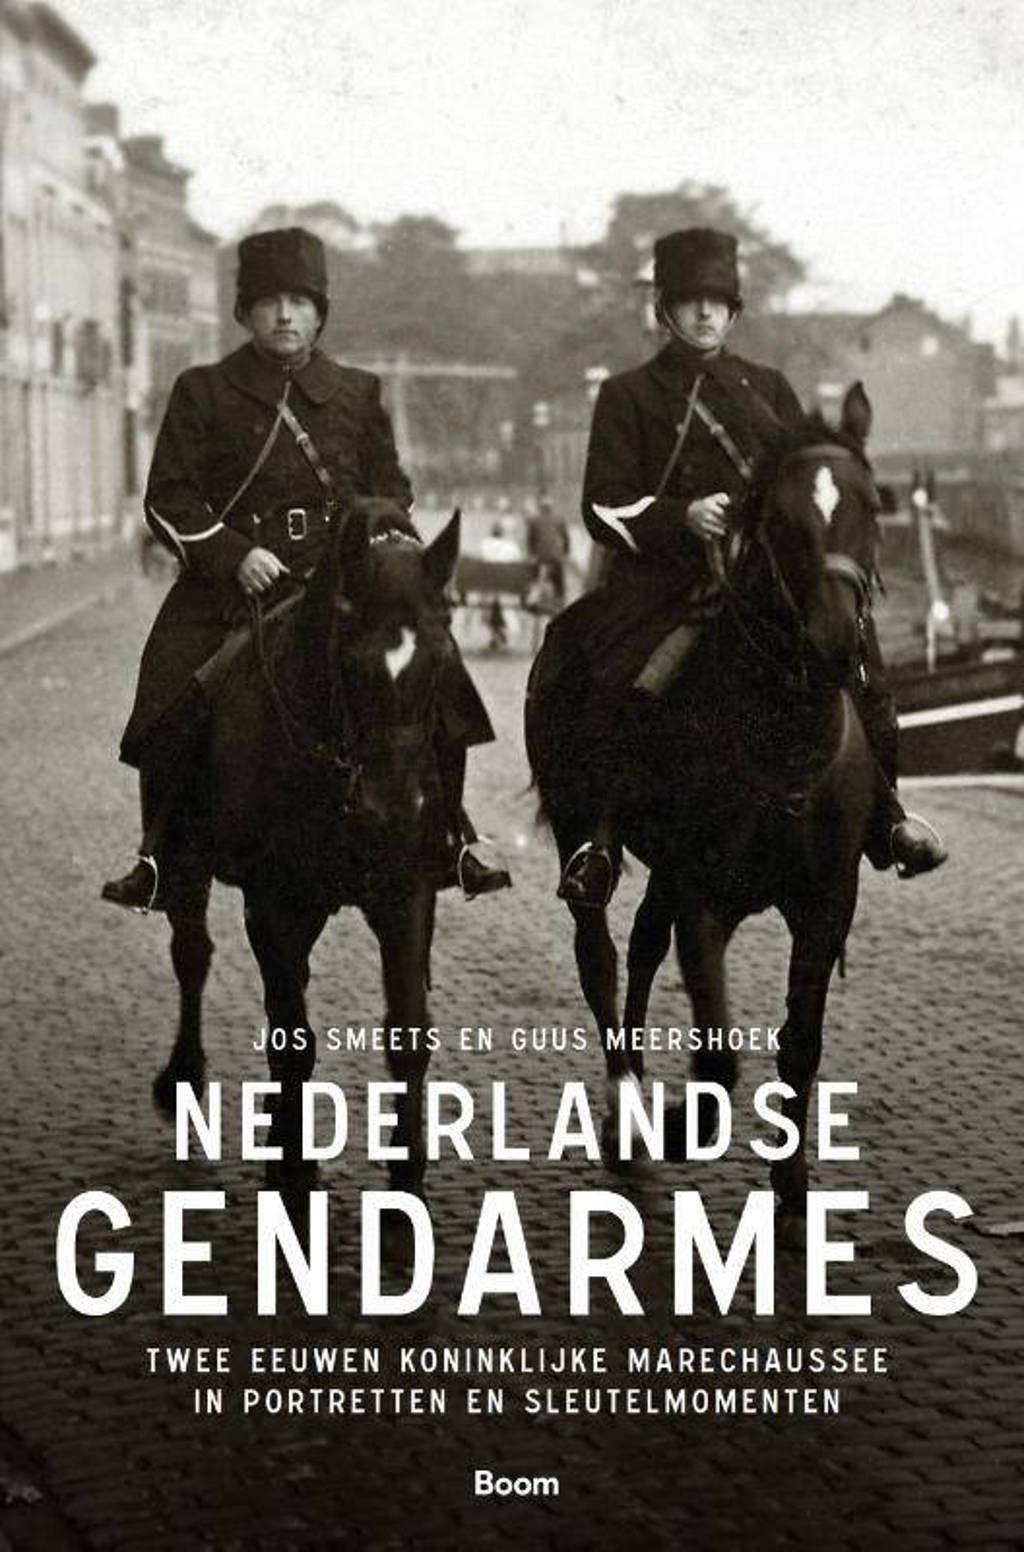 Nederlandse gendarmes - Jos Smeets en Guus Meershoek